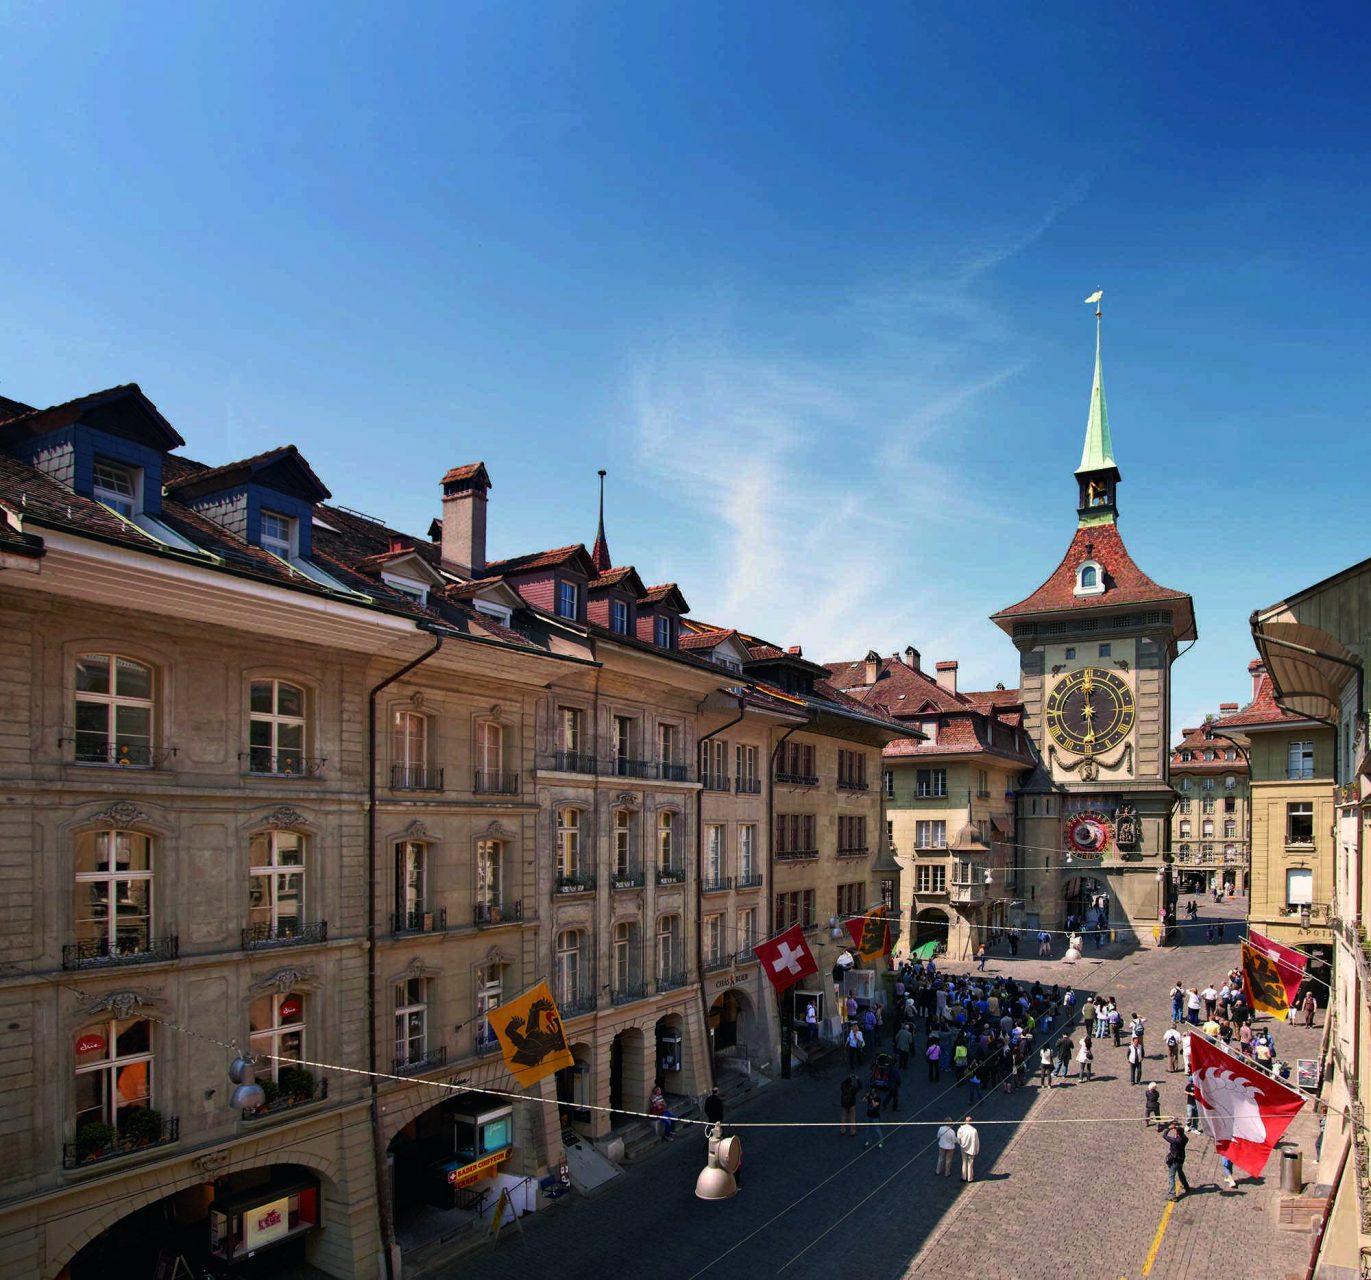 Wahrzeichen. Der Zytglogge (Zeitglockenturm) ist das erste Stadttor.